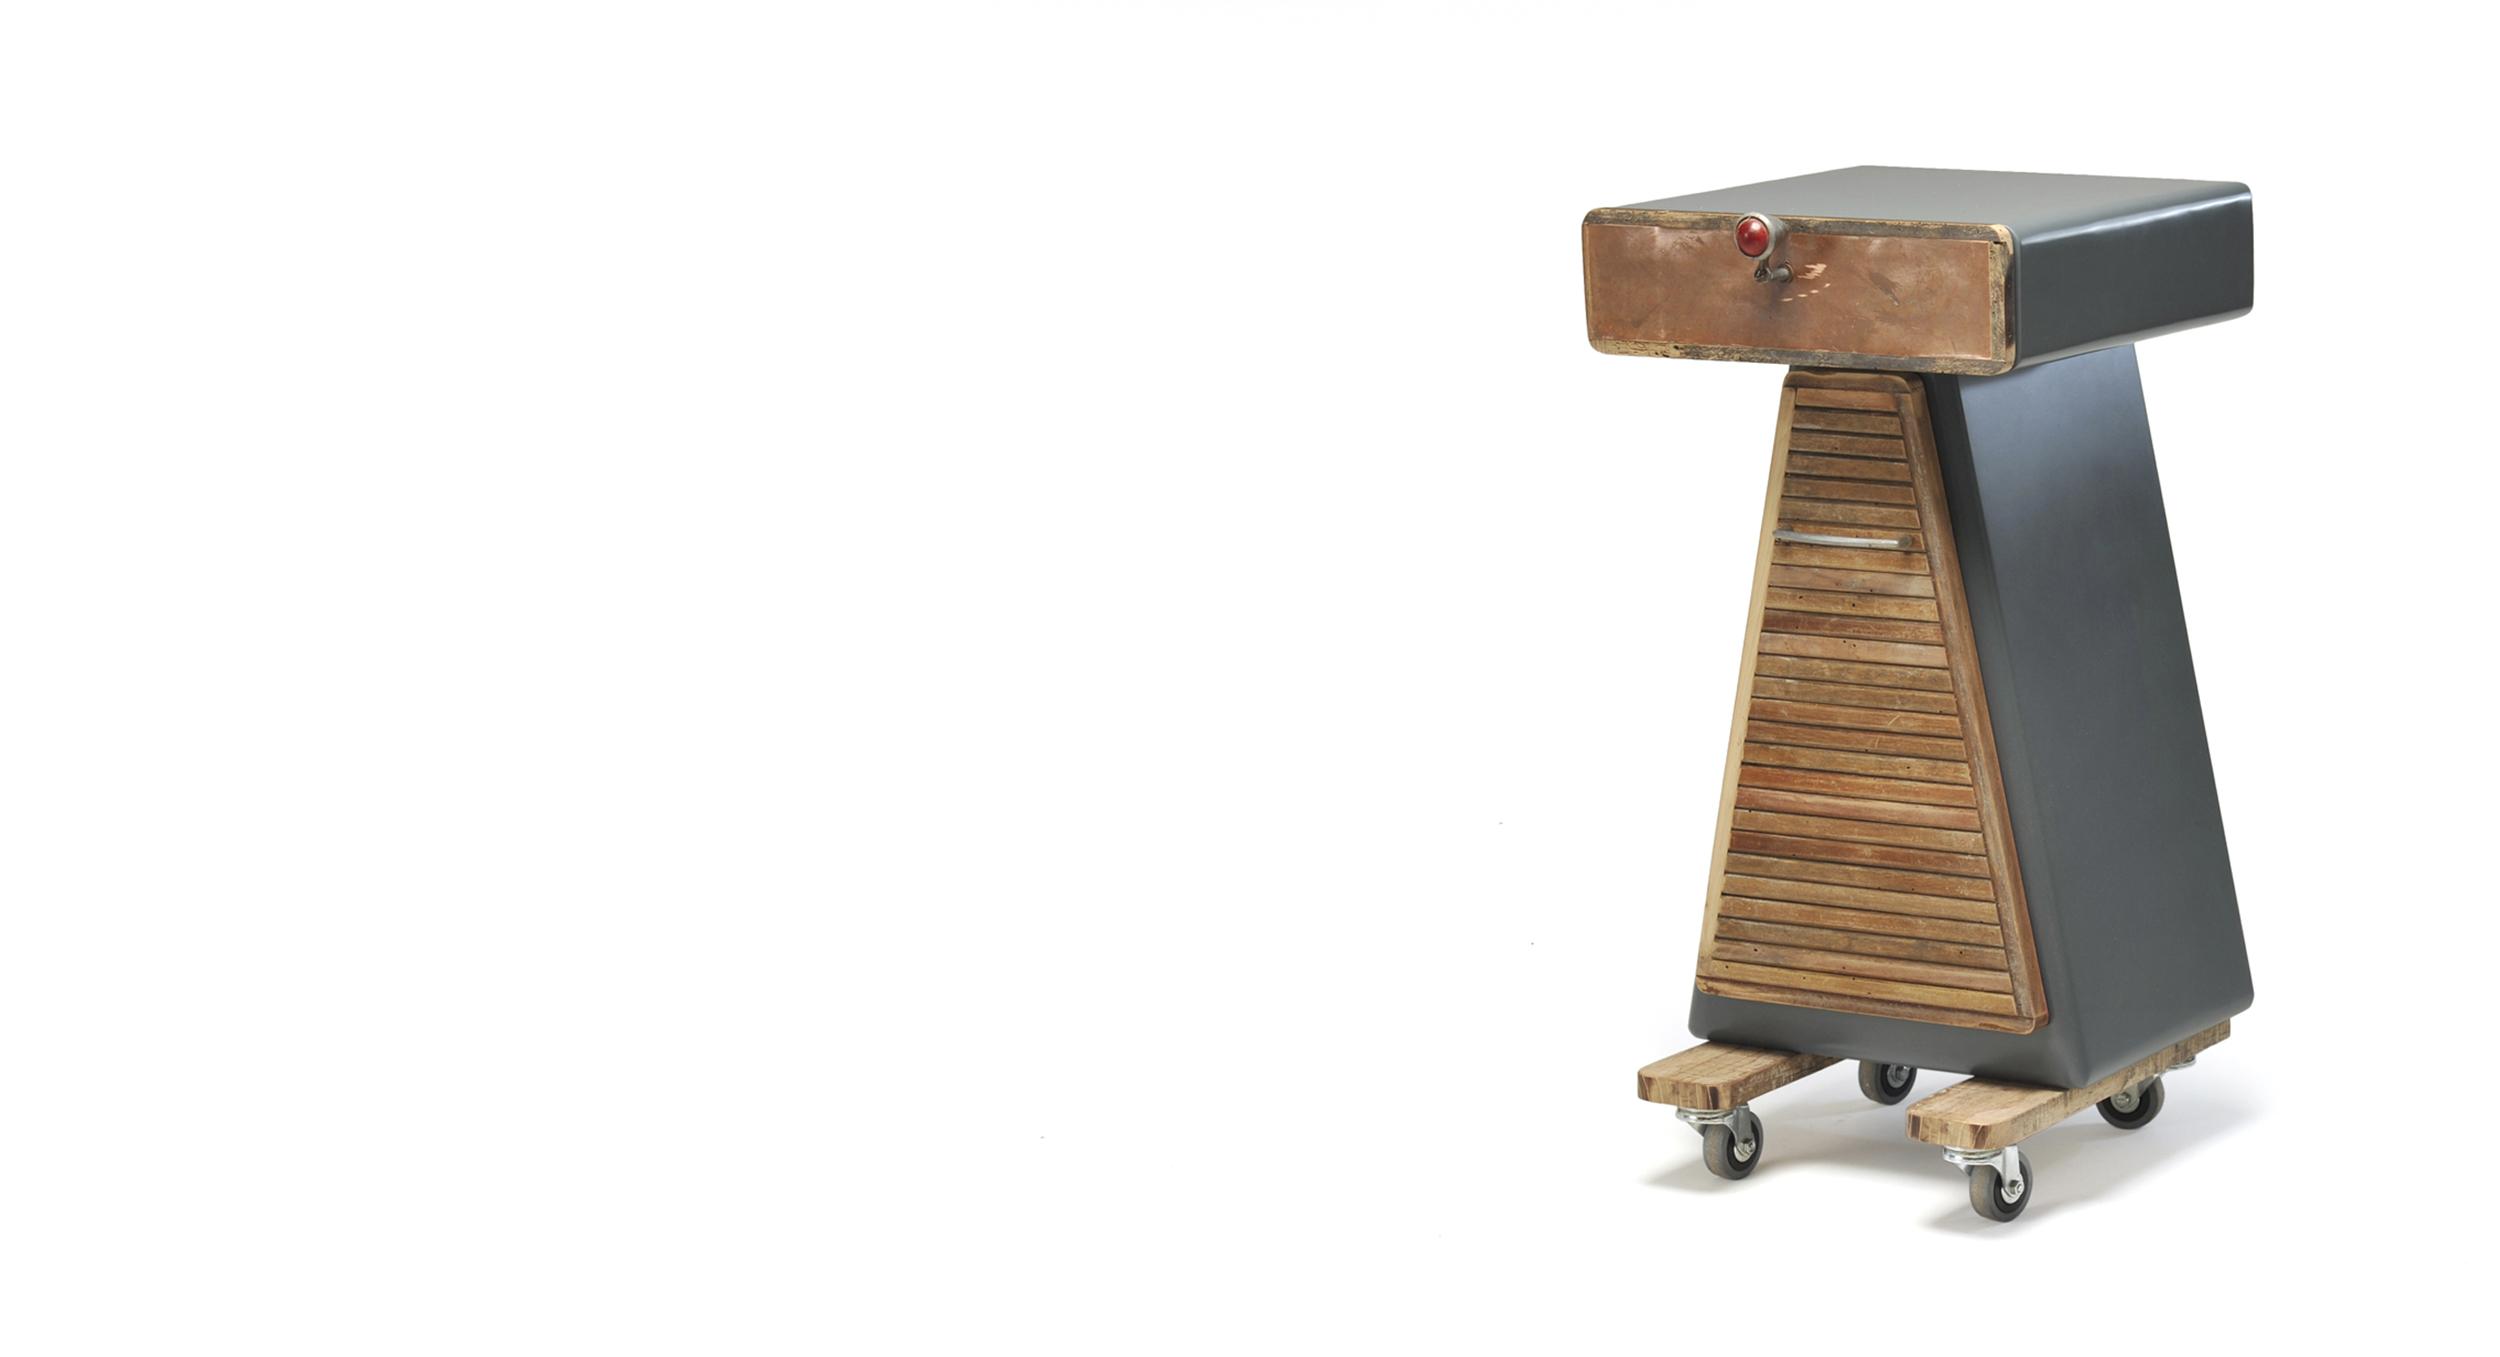 Picolo mobile con ruote legno di recupero e cassetto grigio antracite